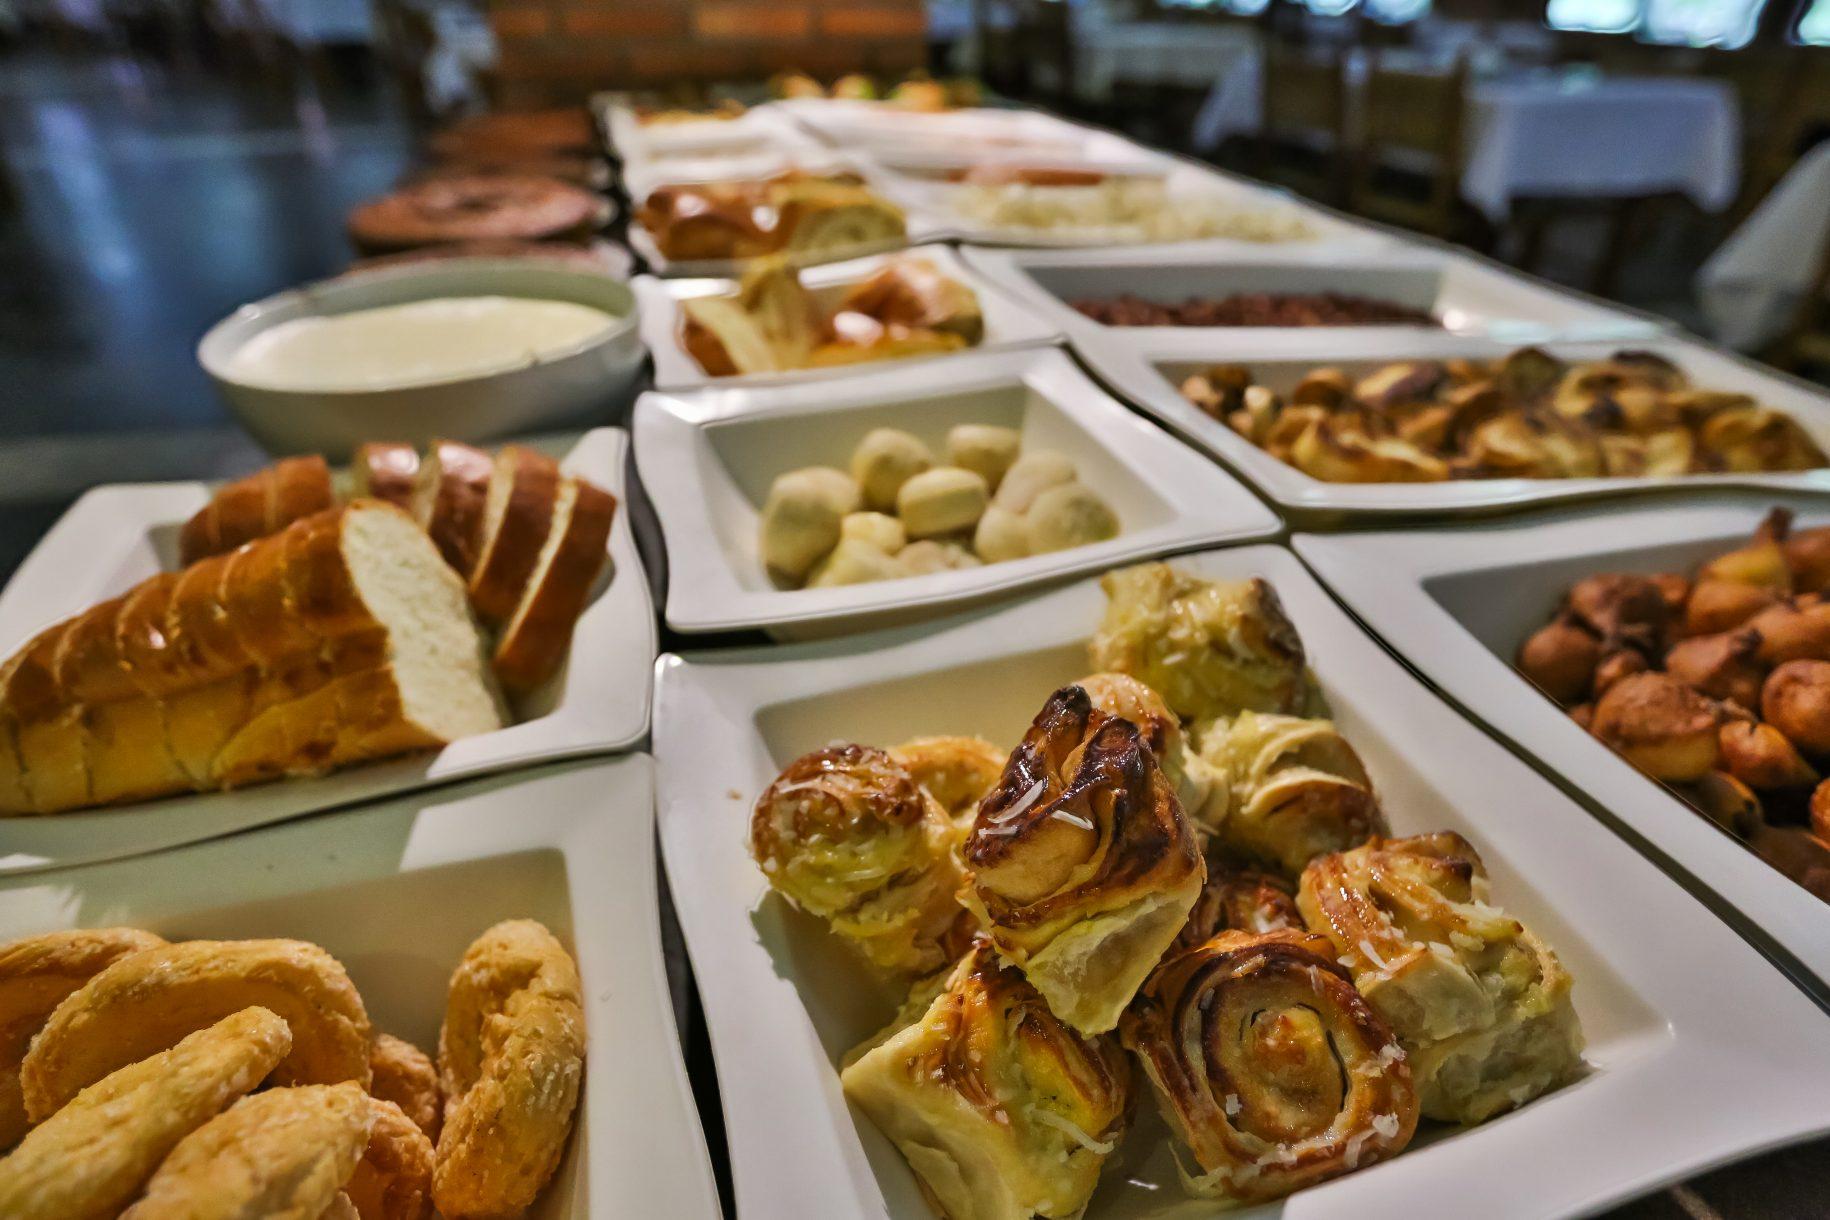 Café da tarde no hotel fazenda parque dos sonhos com diversos tipos de comida caipira, como bolinho de chuva, amendoim torrado, e diversos tipos de pães caseiros